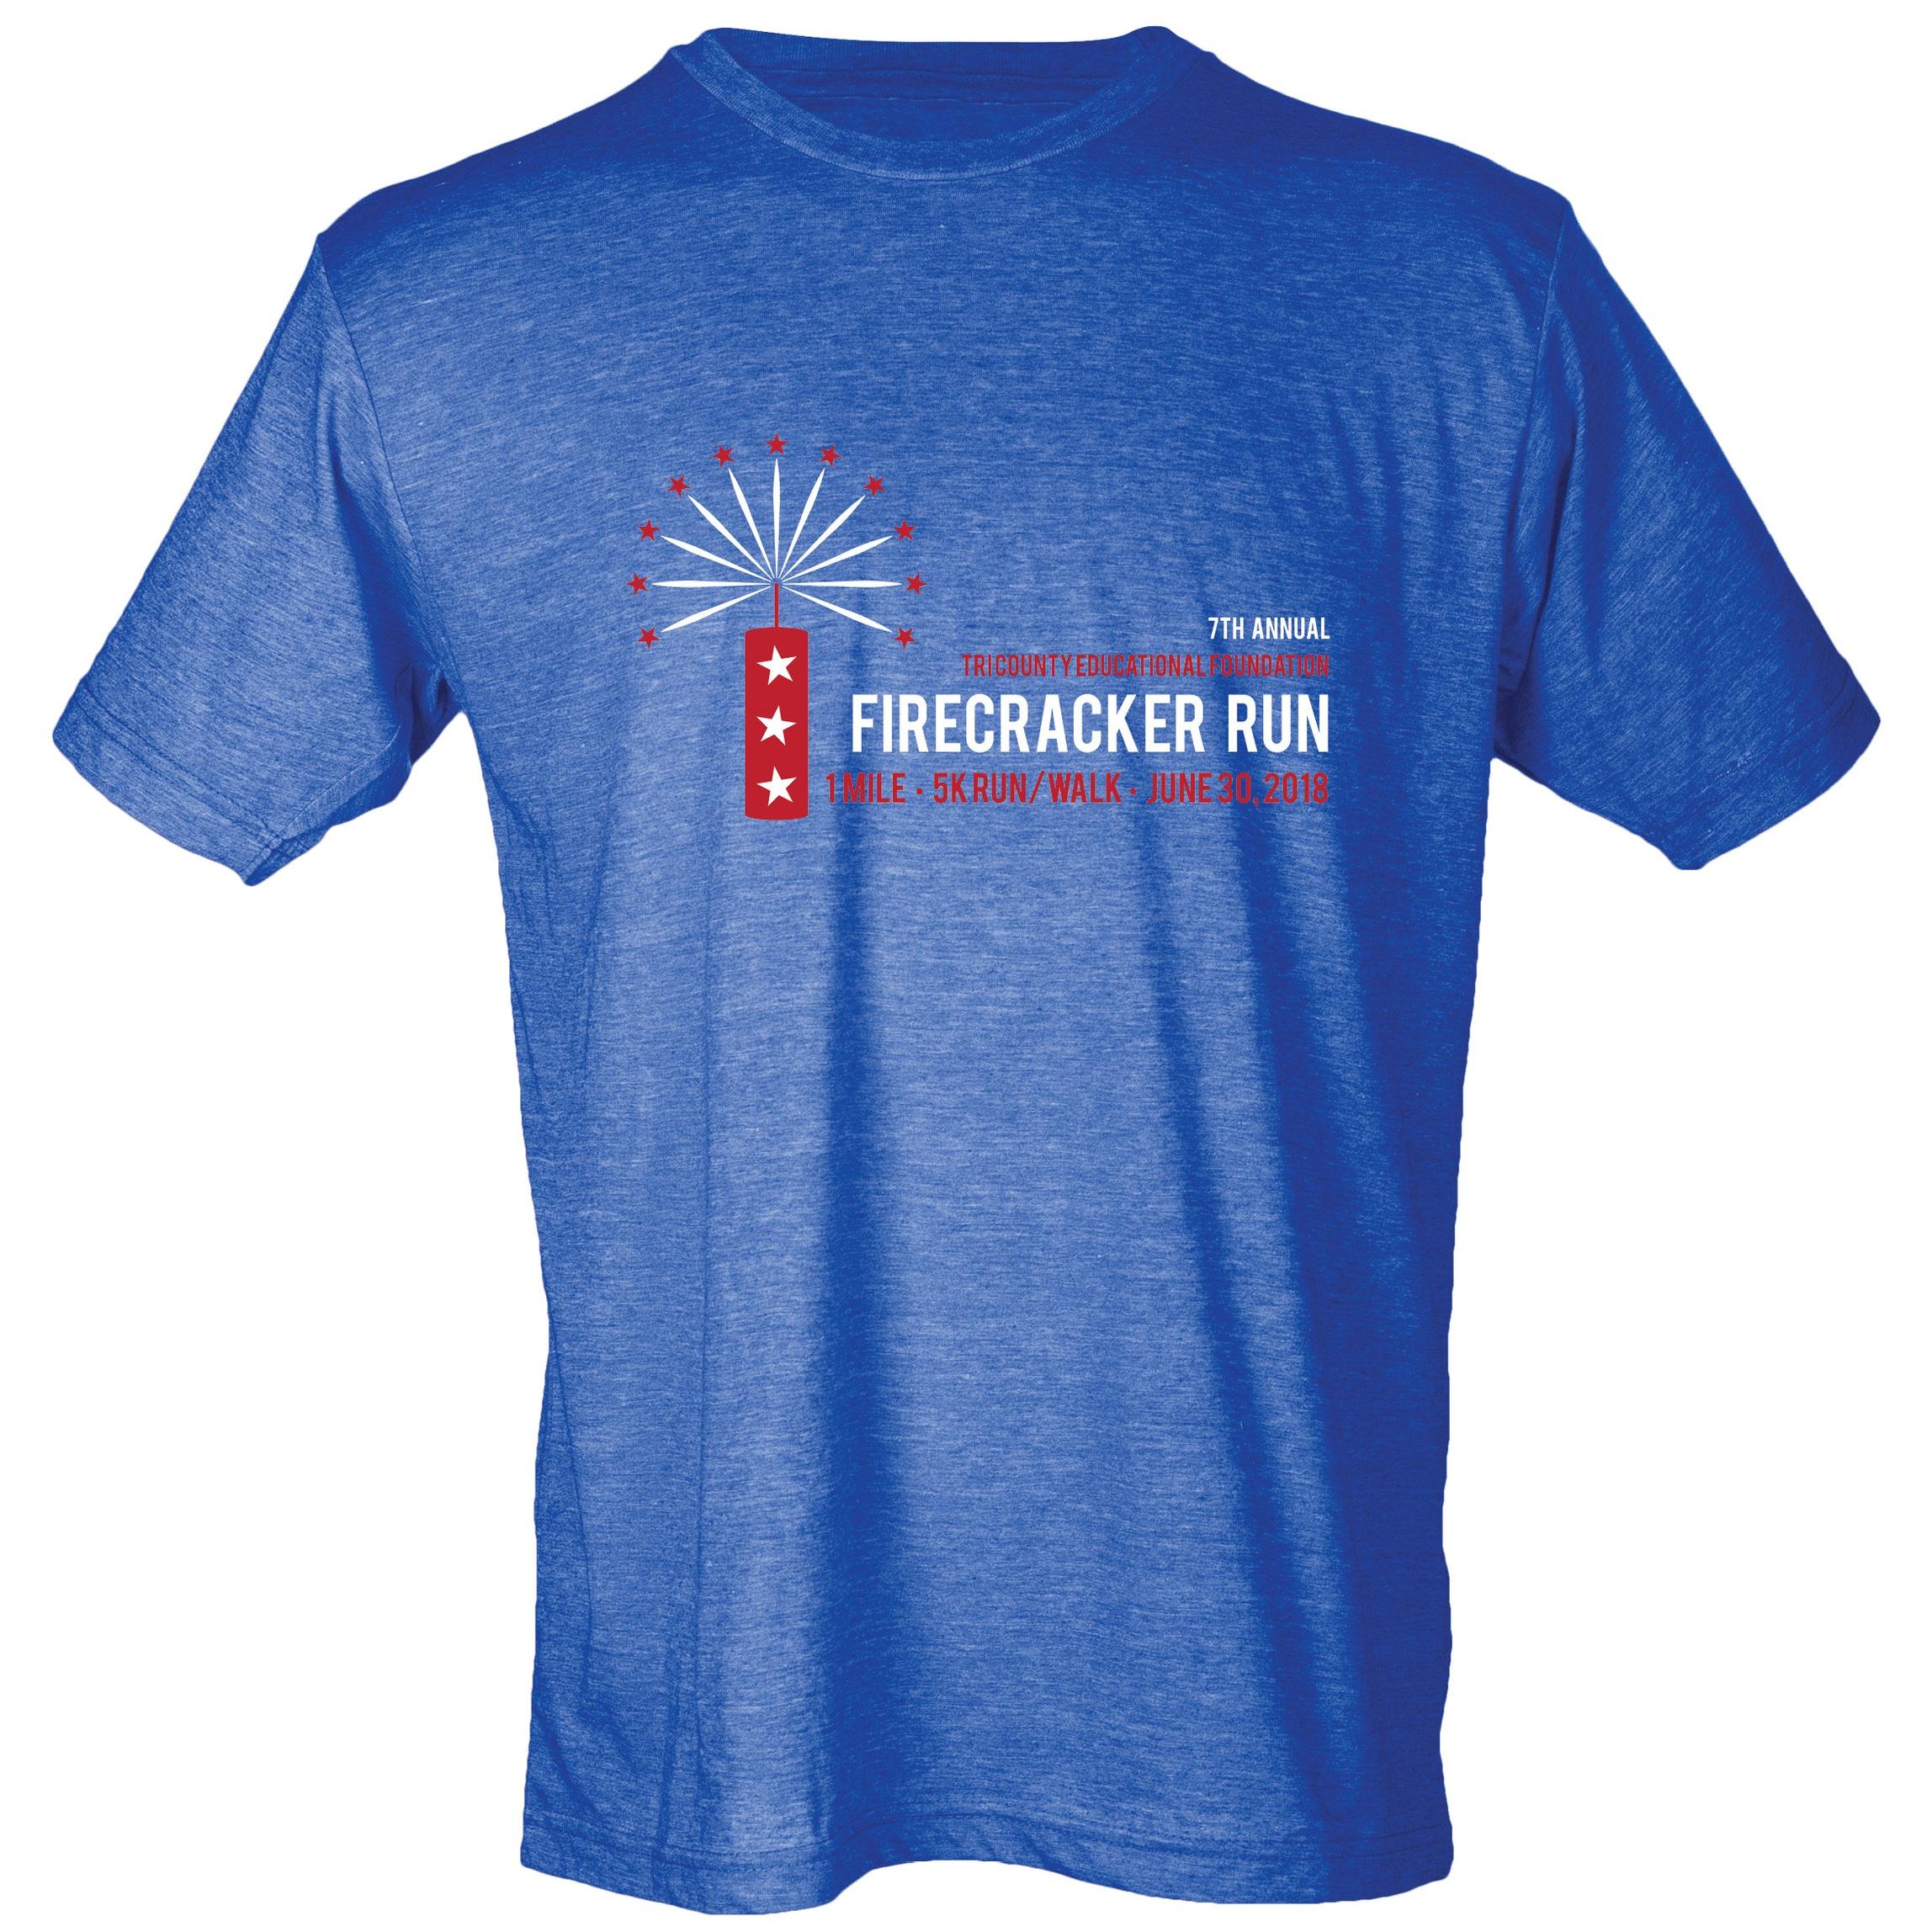 2018 Firecracker Run T-shirt